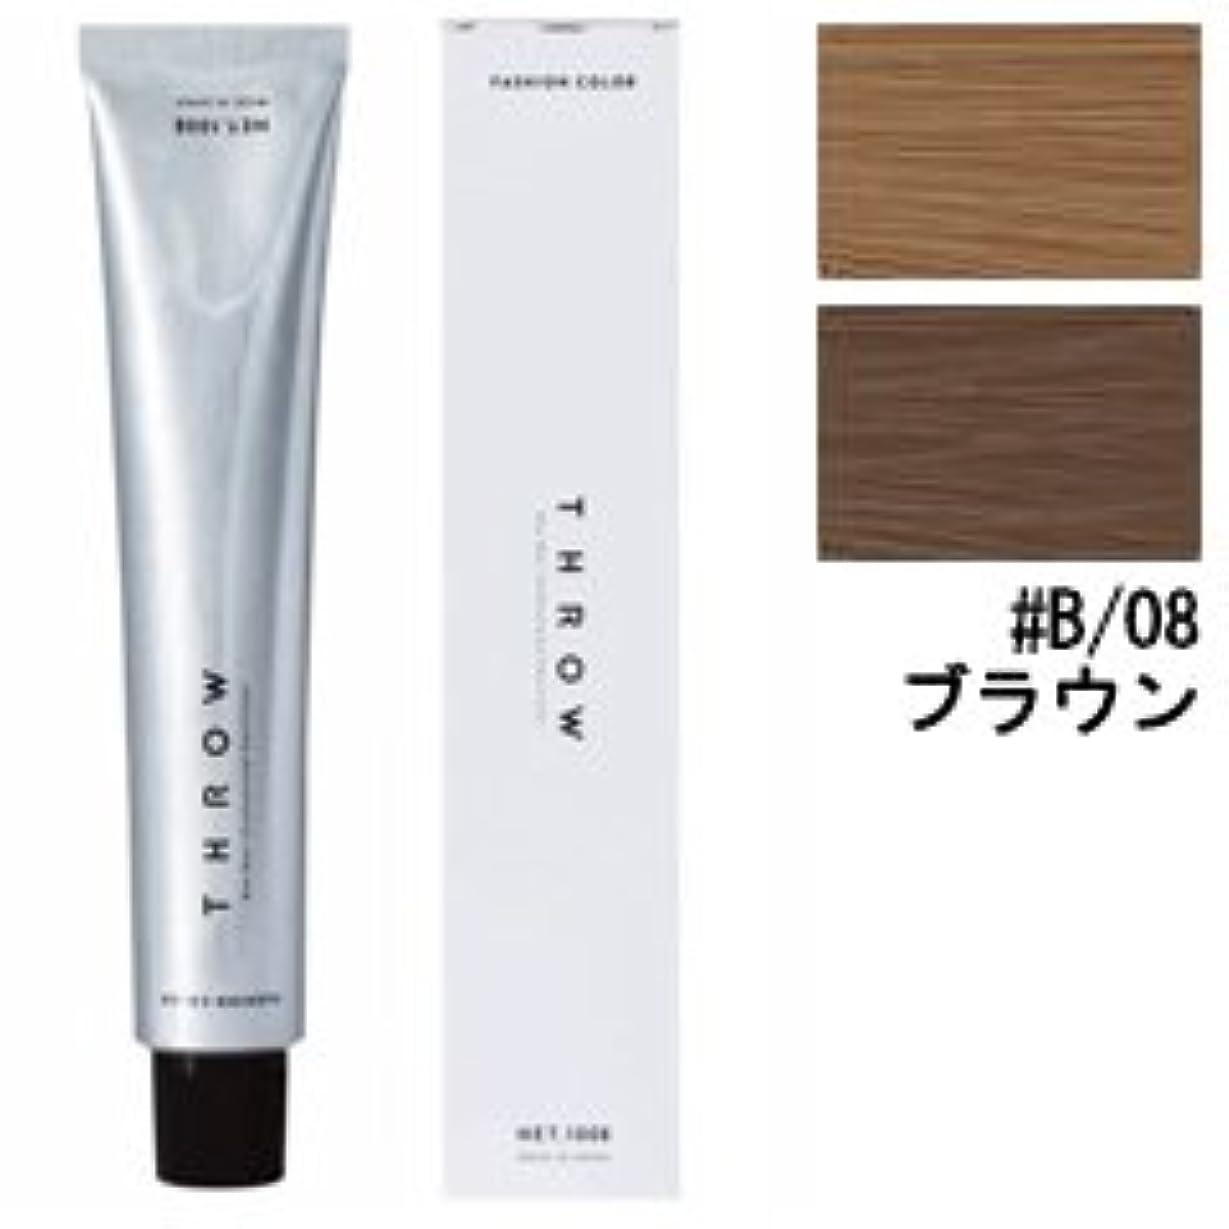 不要特殊コーヒー【モルトベーネ】スロウ ファッションカラー #B/08 ブラウン 100g